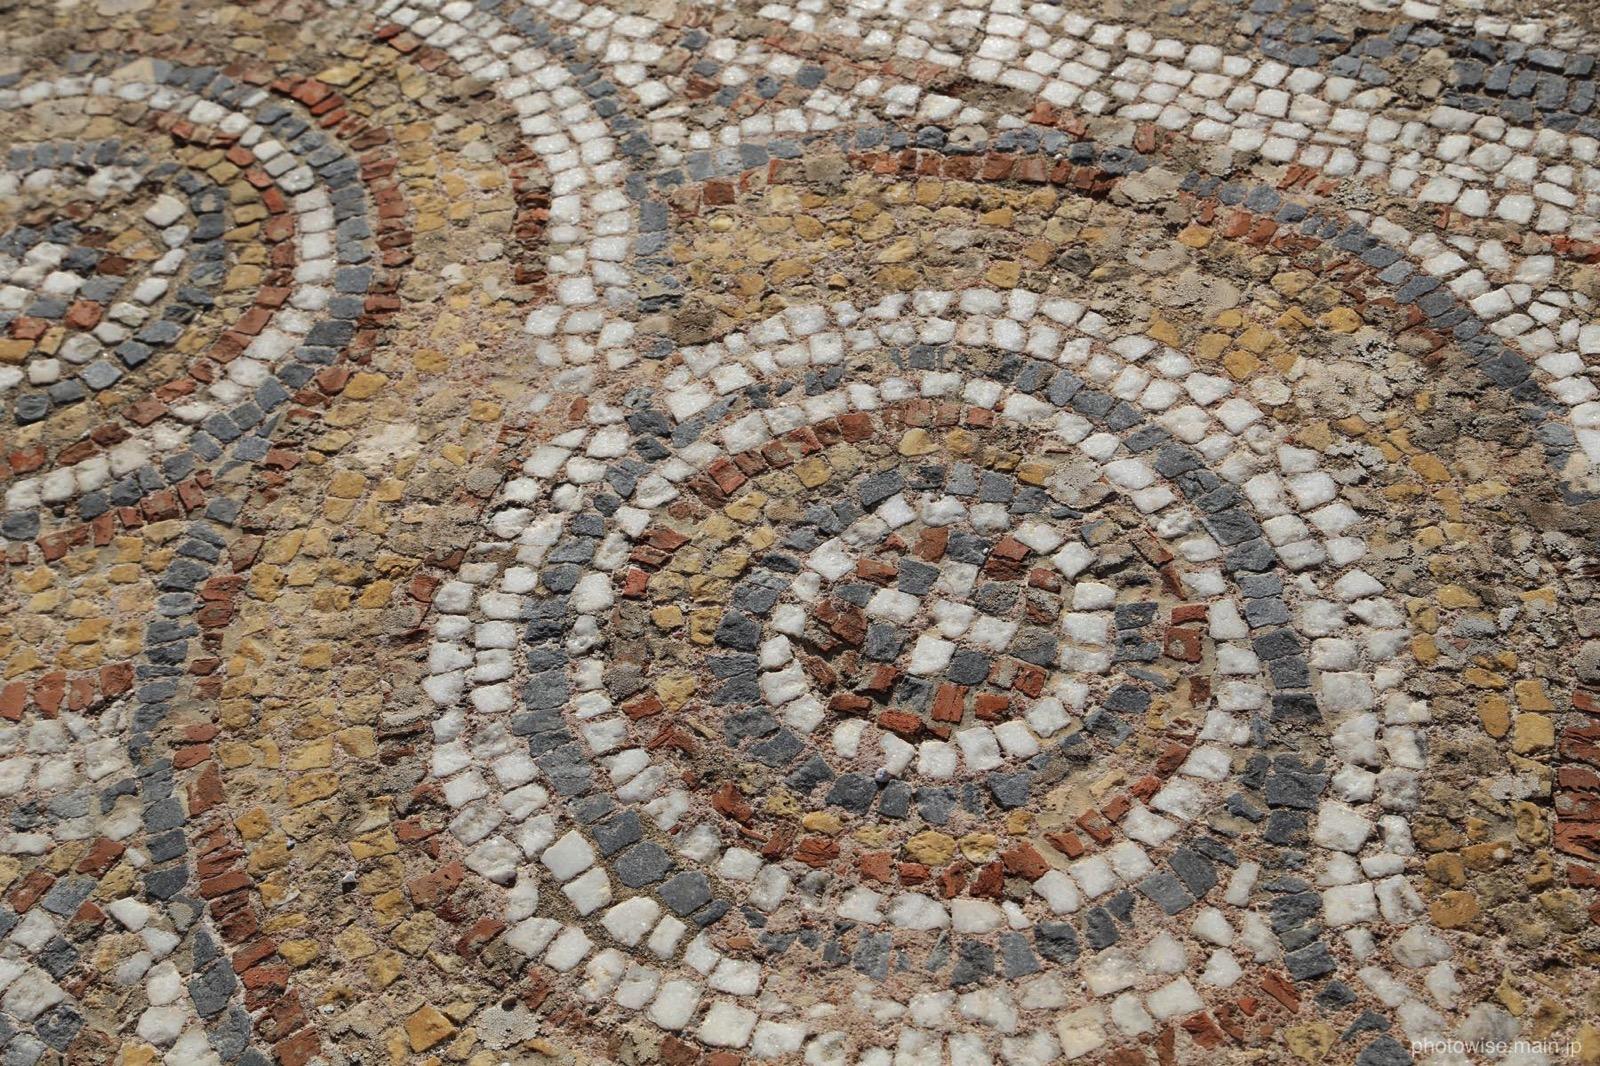 エフェソス遺跡のタイル